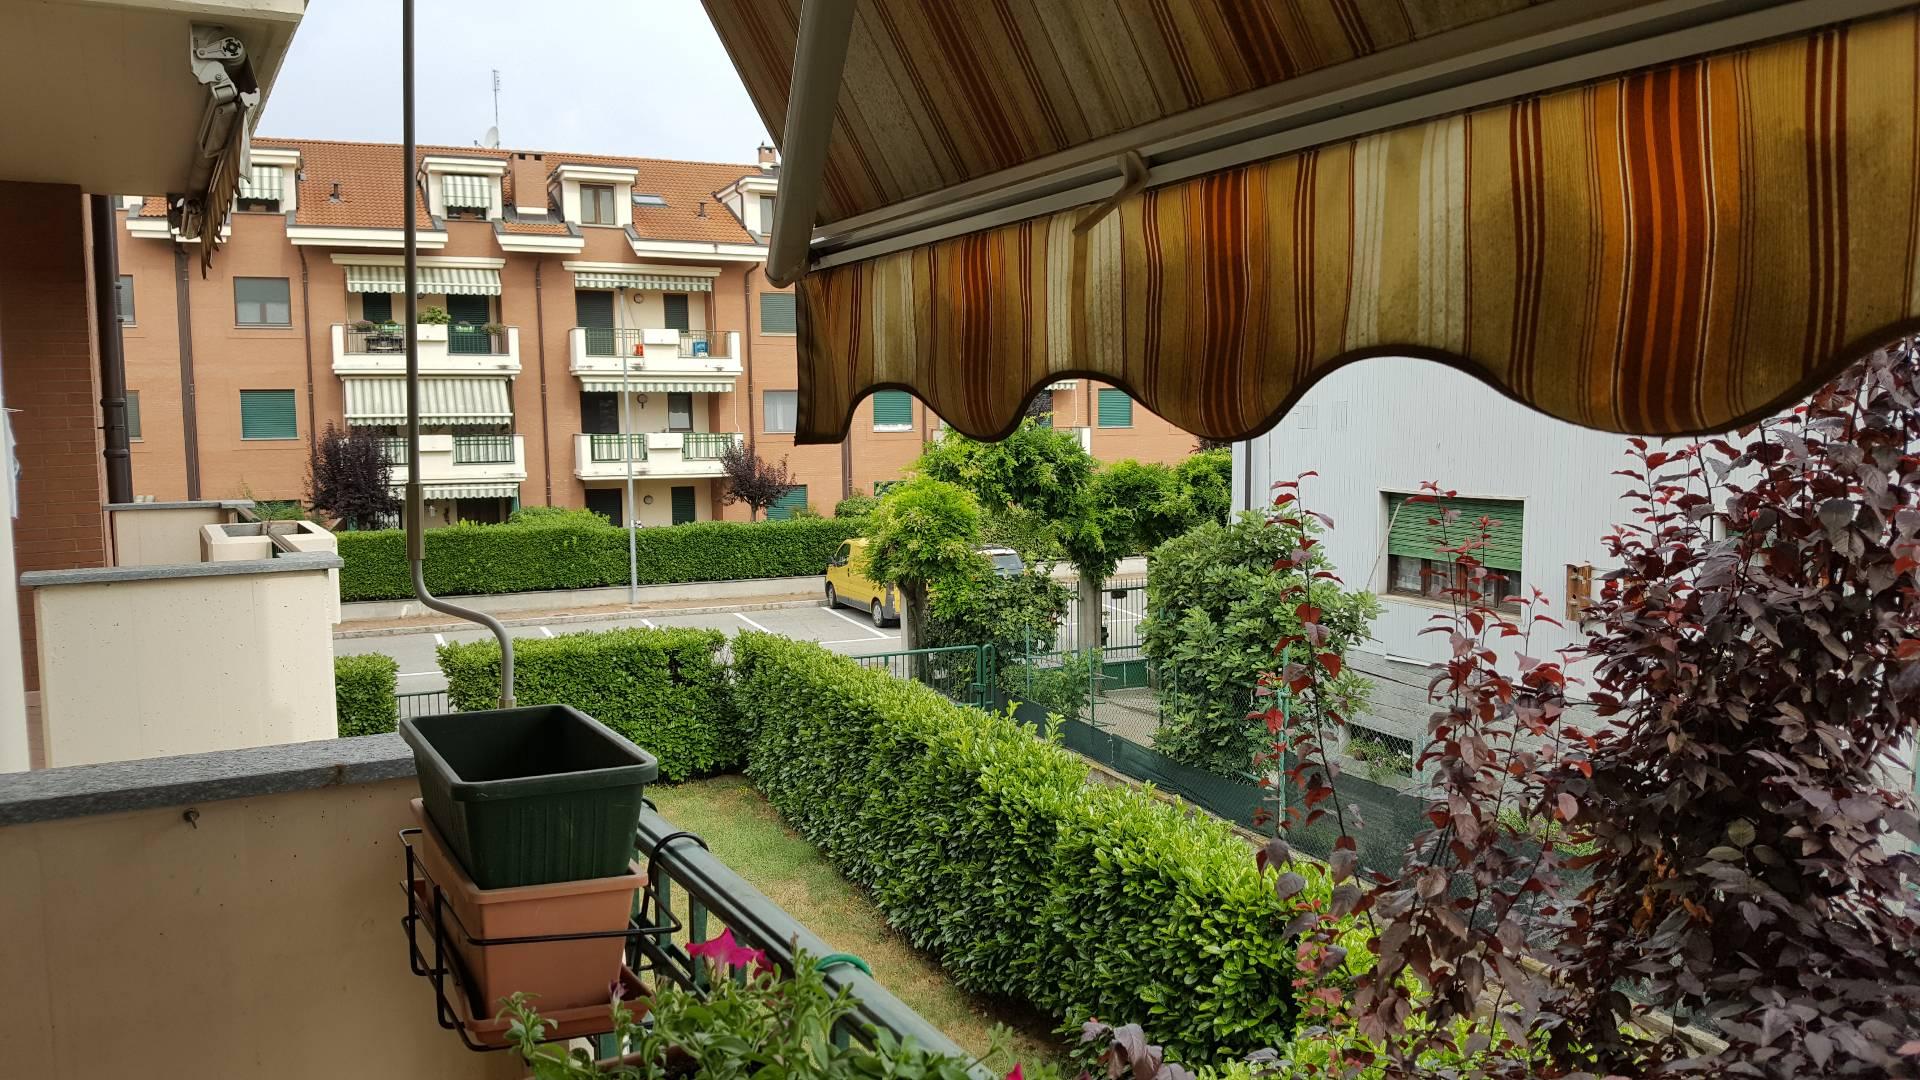 Appartamento in vendita a Nichelino, 4 locali, prezzo € 175.000 | CambioCasa.it